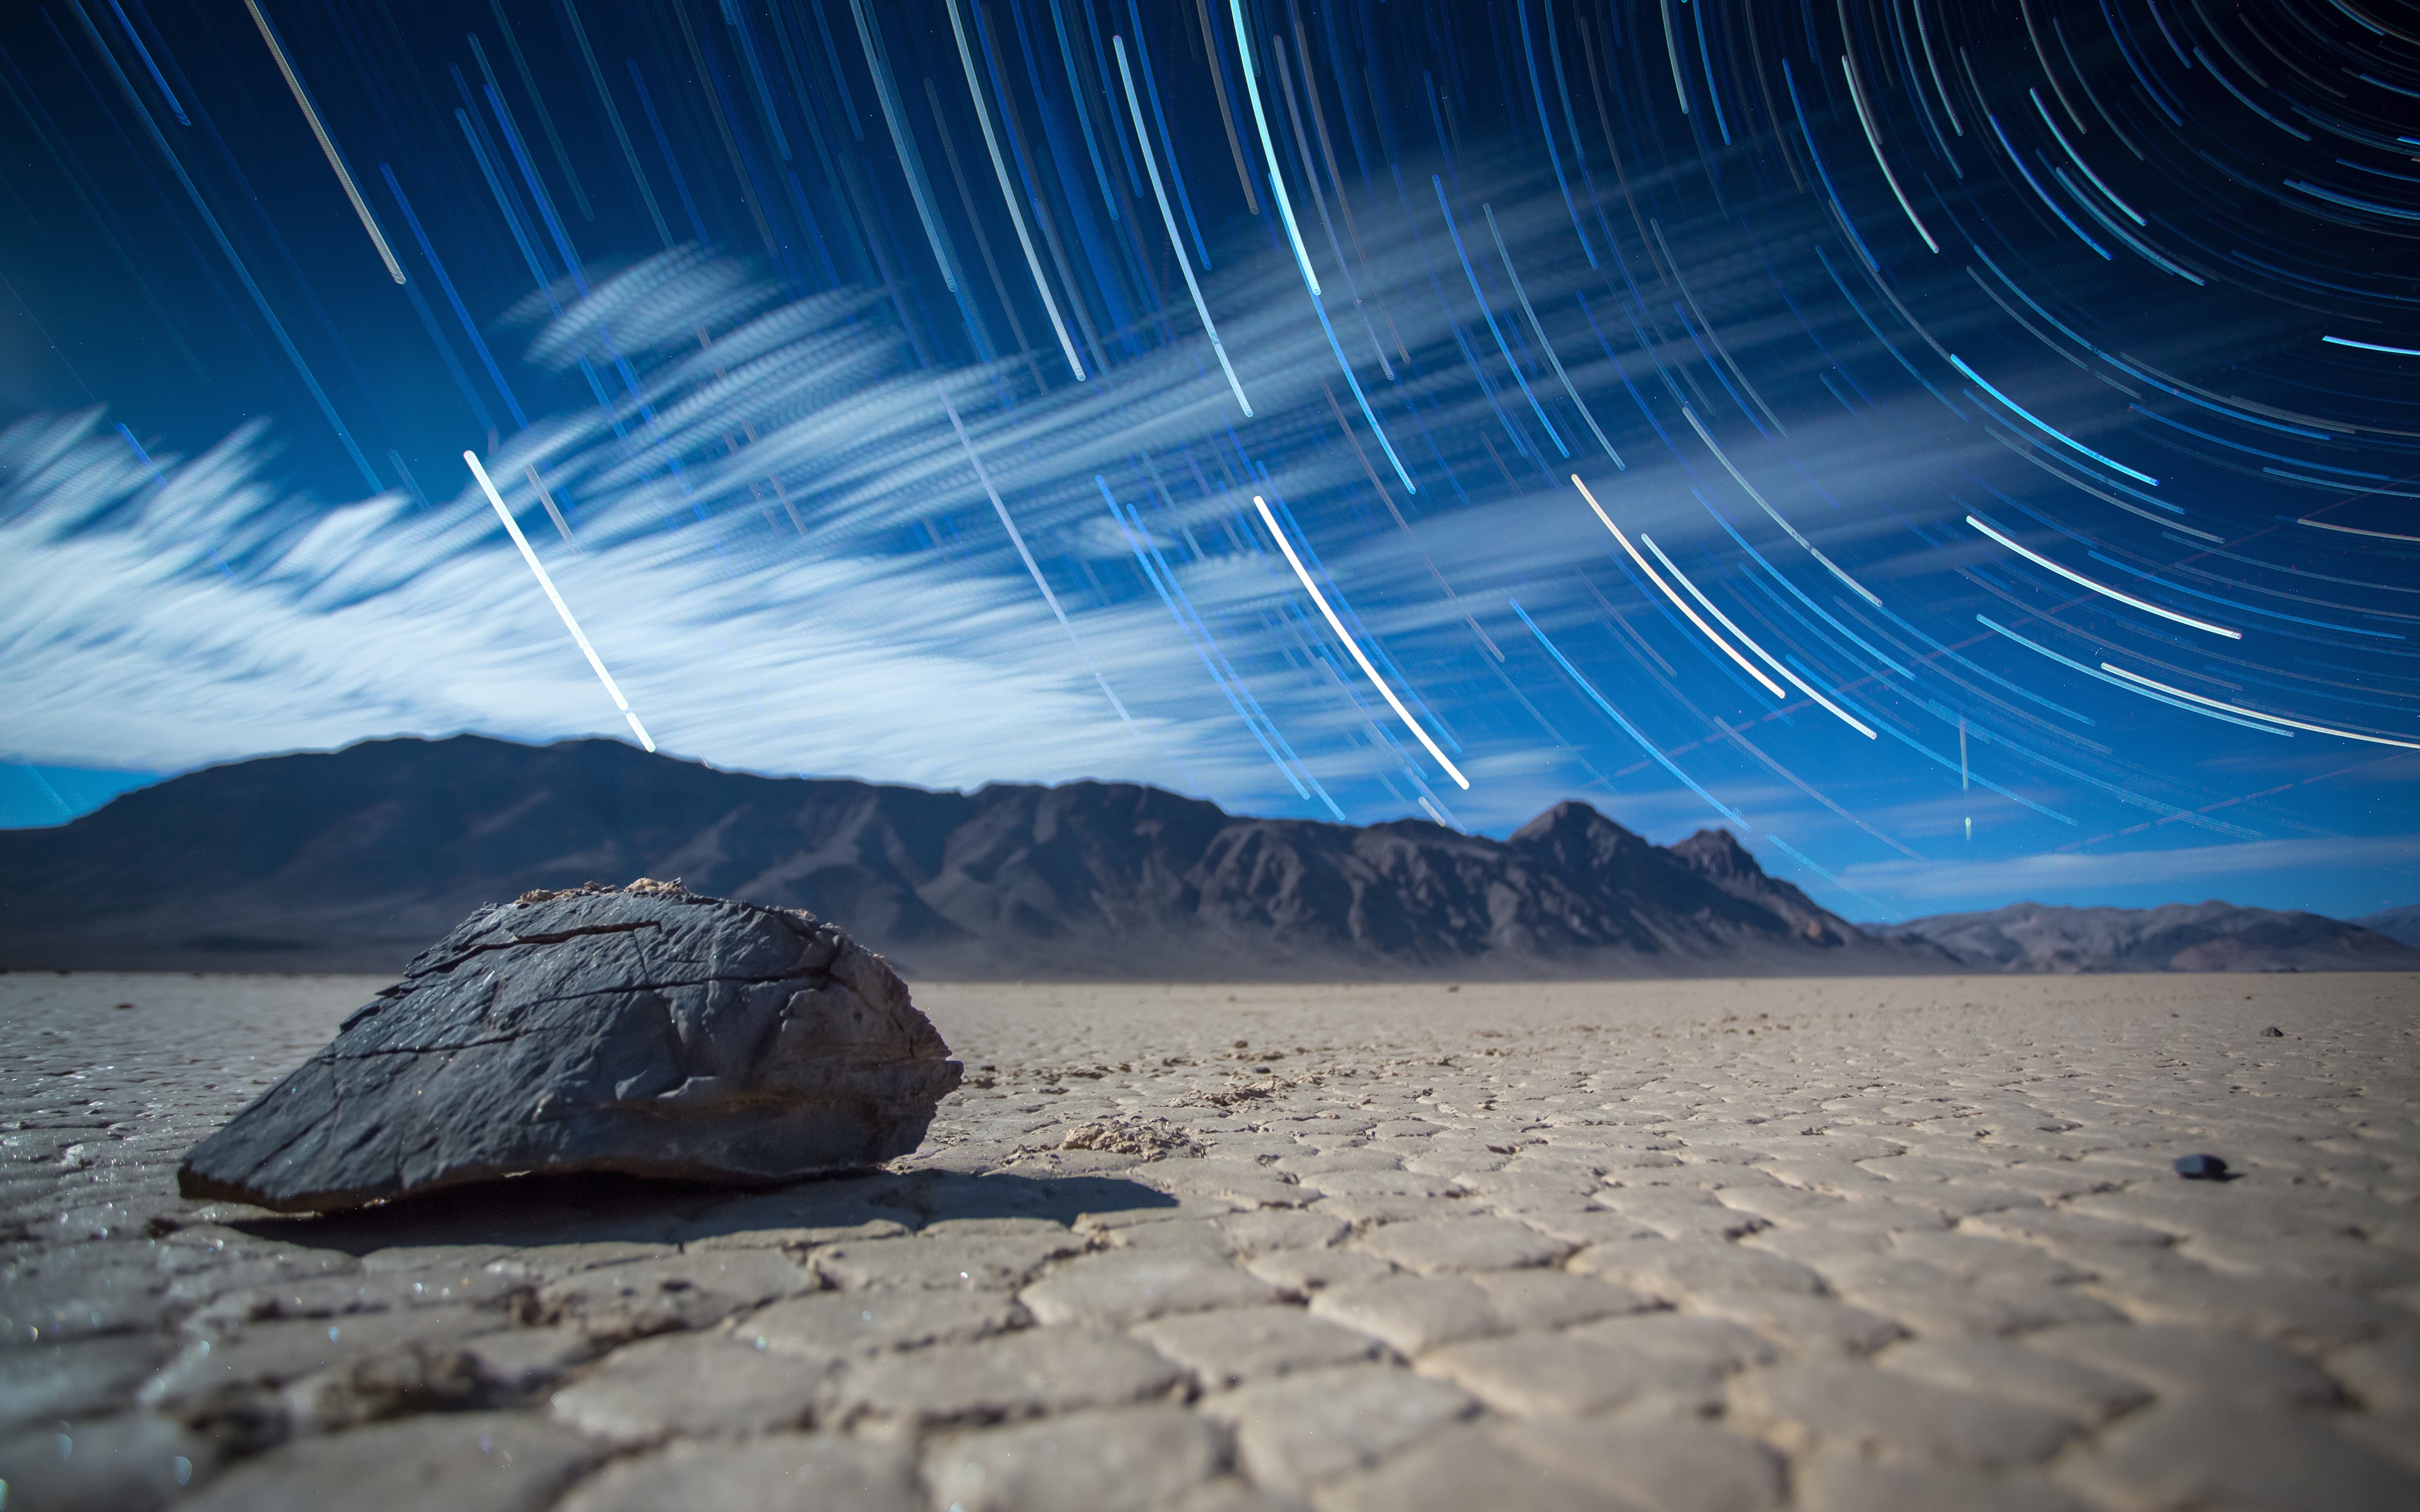 Долина Смерти впадина Америка бесплатно